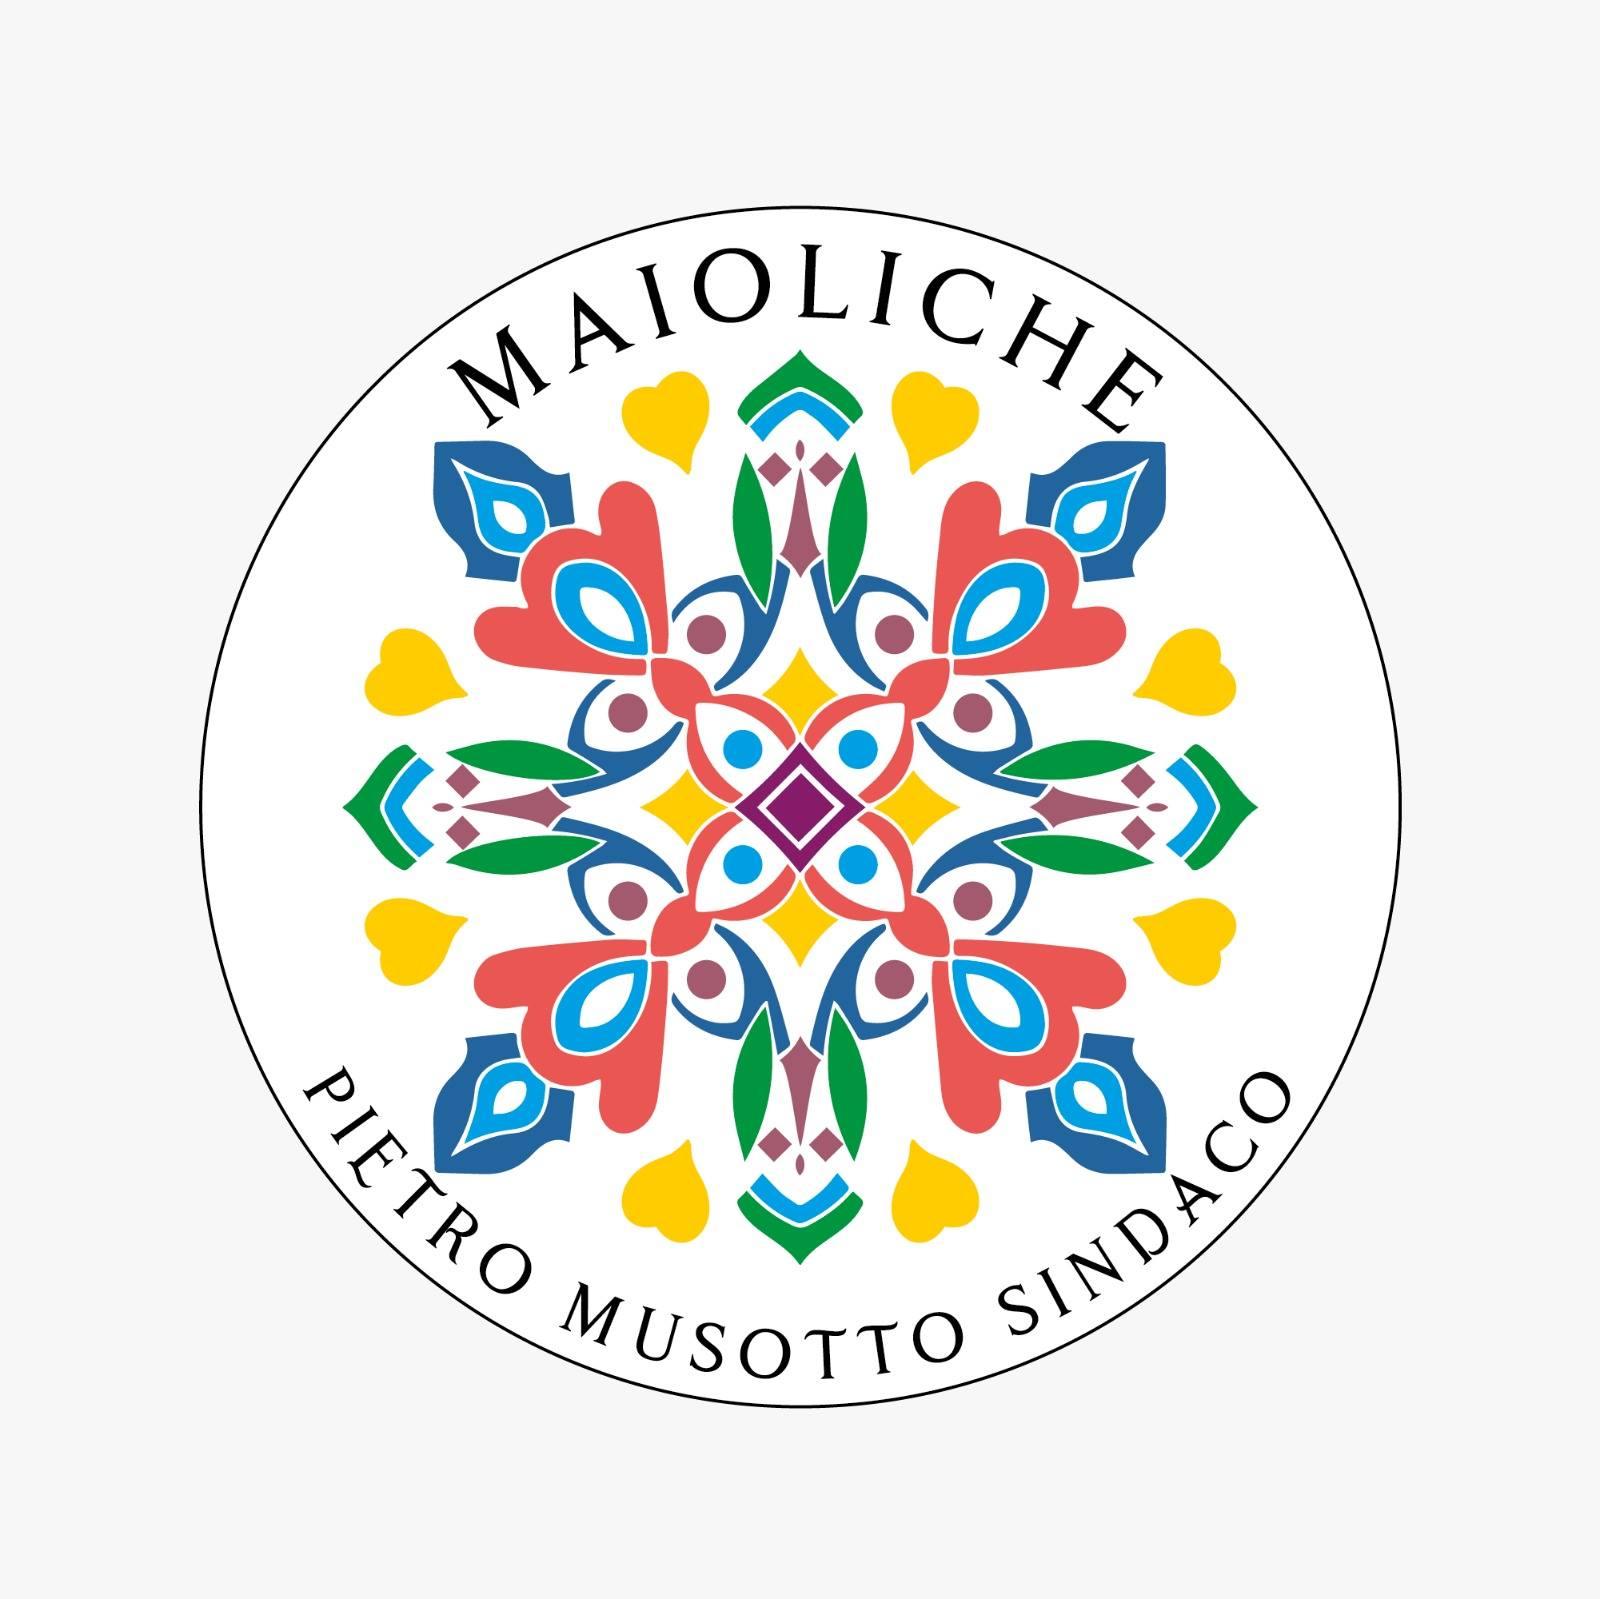 Pollina, presentato il logo della lista civica Maioliche con Musotto Sindaco